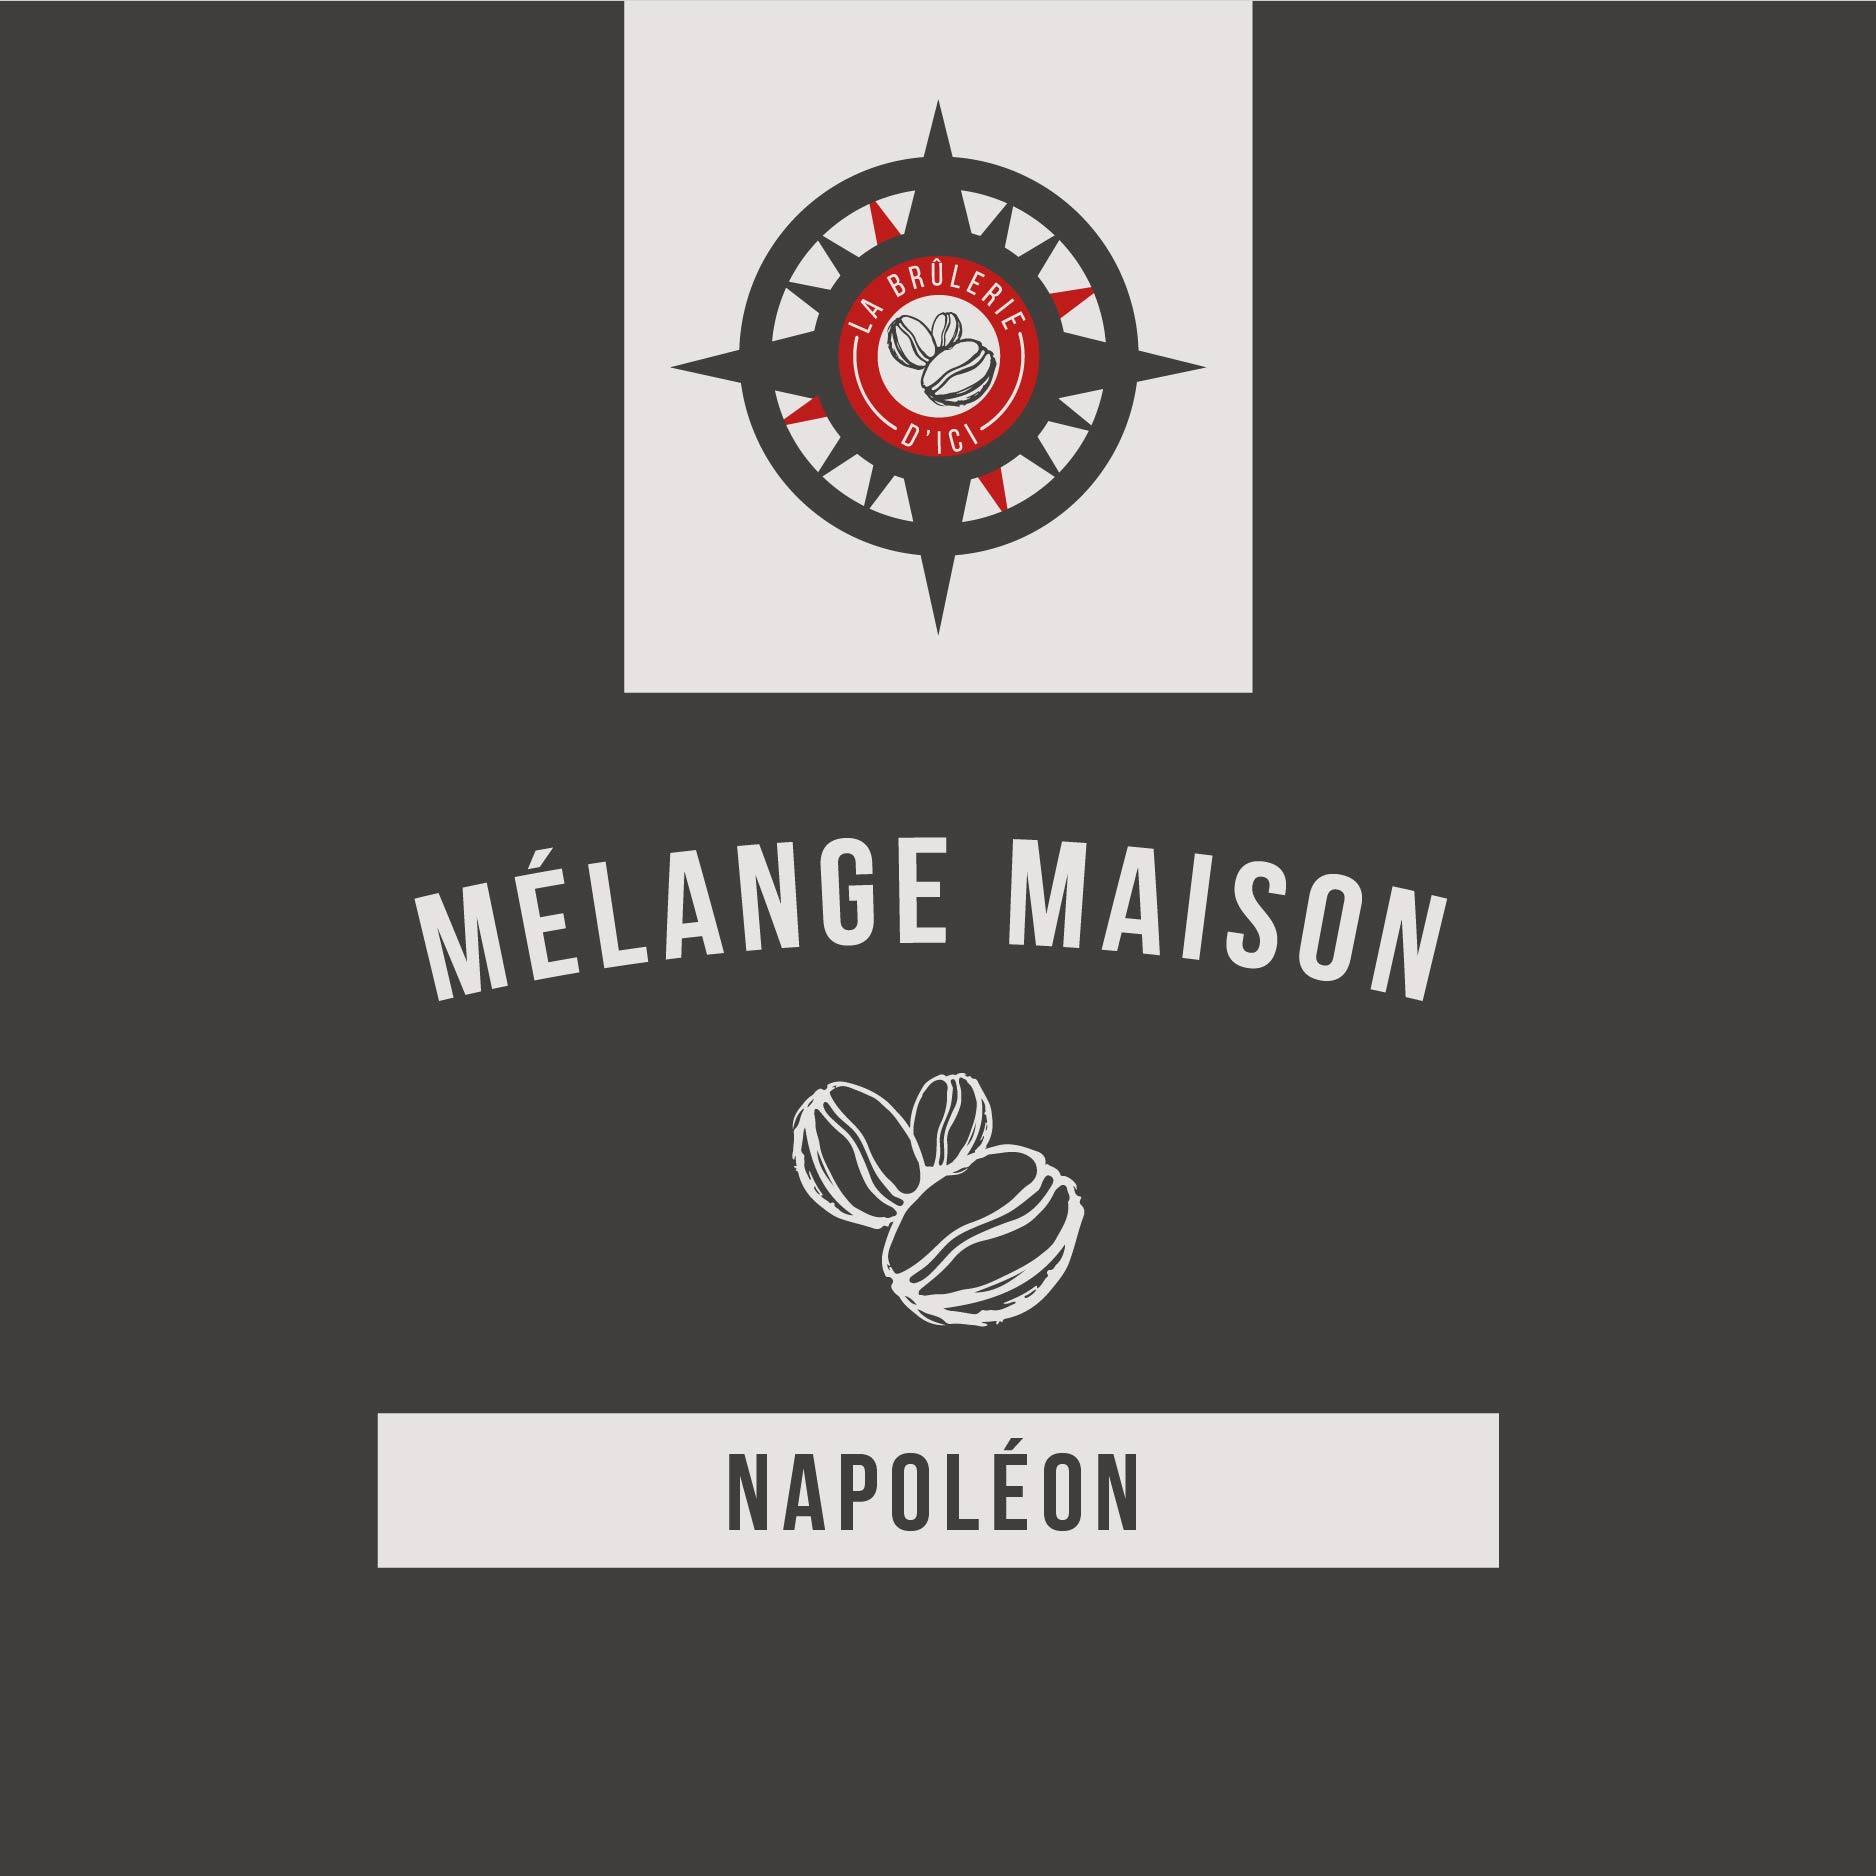 Napoléon - Mélange maison